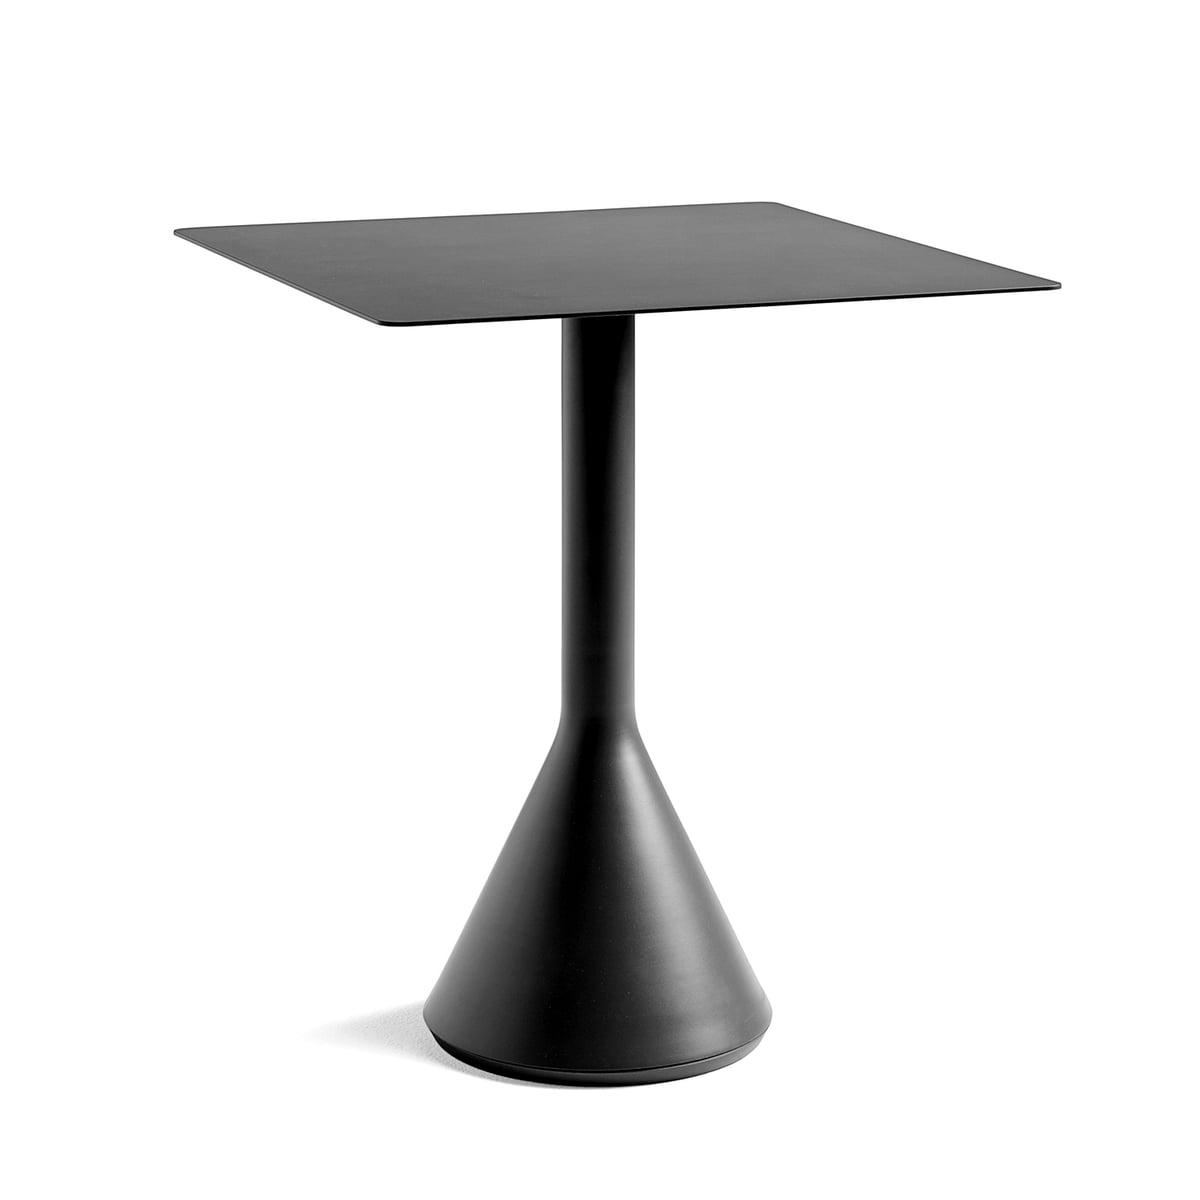 Hay - Palissade Cone Bistrotisch 65 x 65 cm, H 74 cm, anthrazit | Küche und Esszimmer > Bar-Möbel > Bar-Stehtische | Anthrazit | Hay